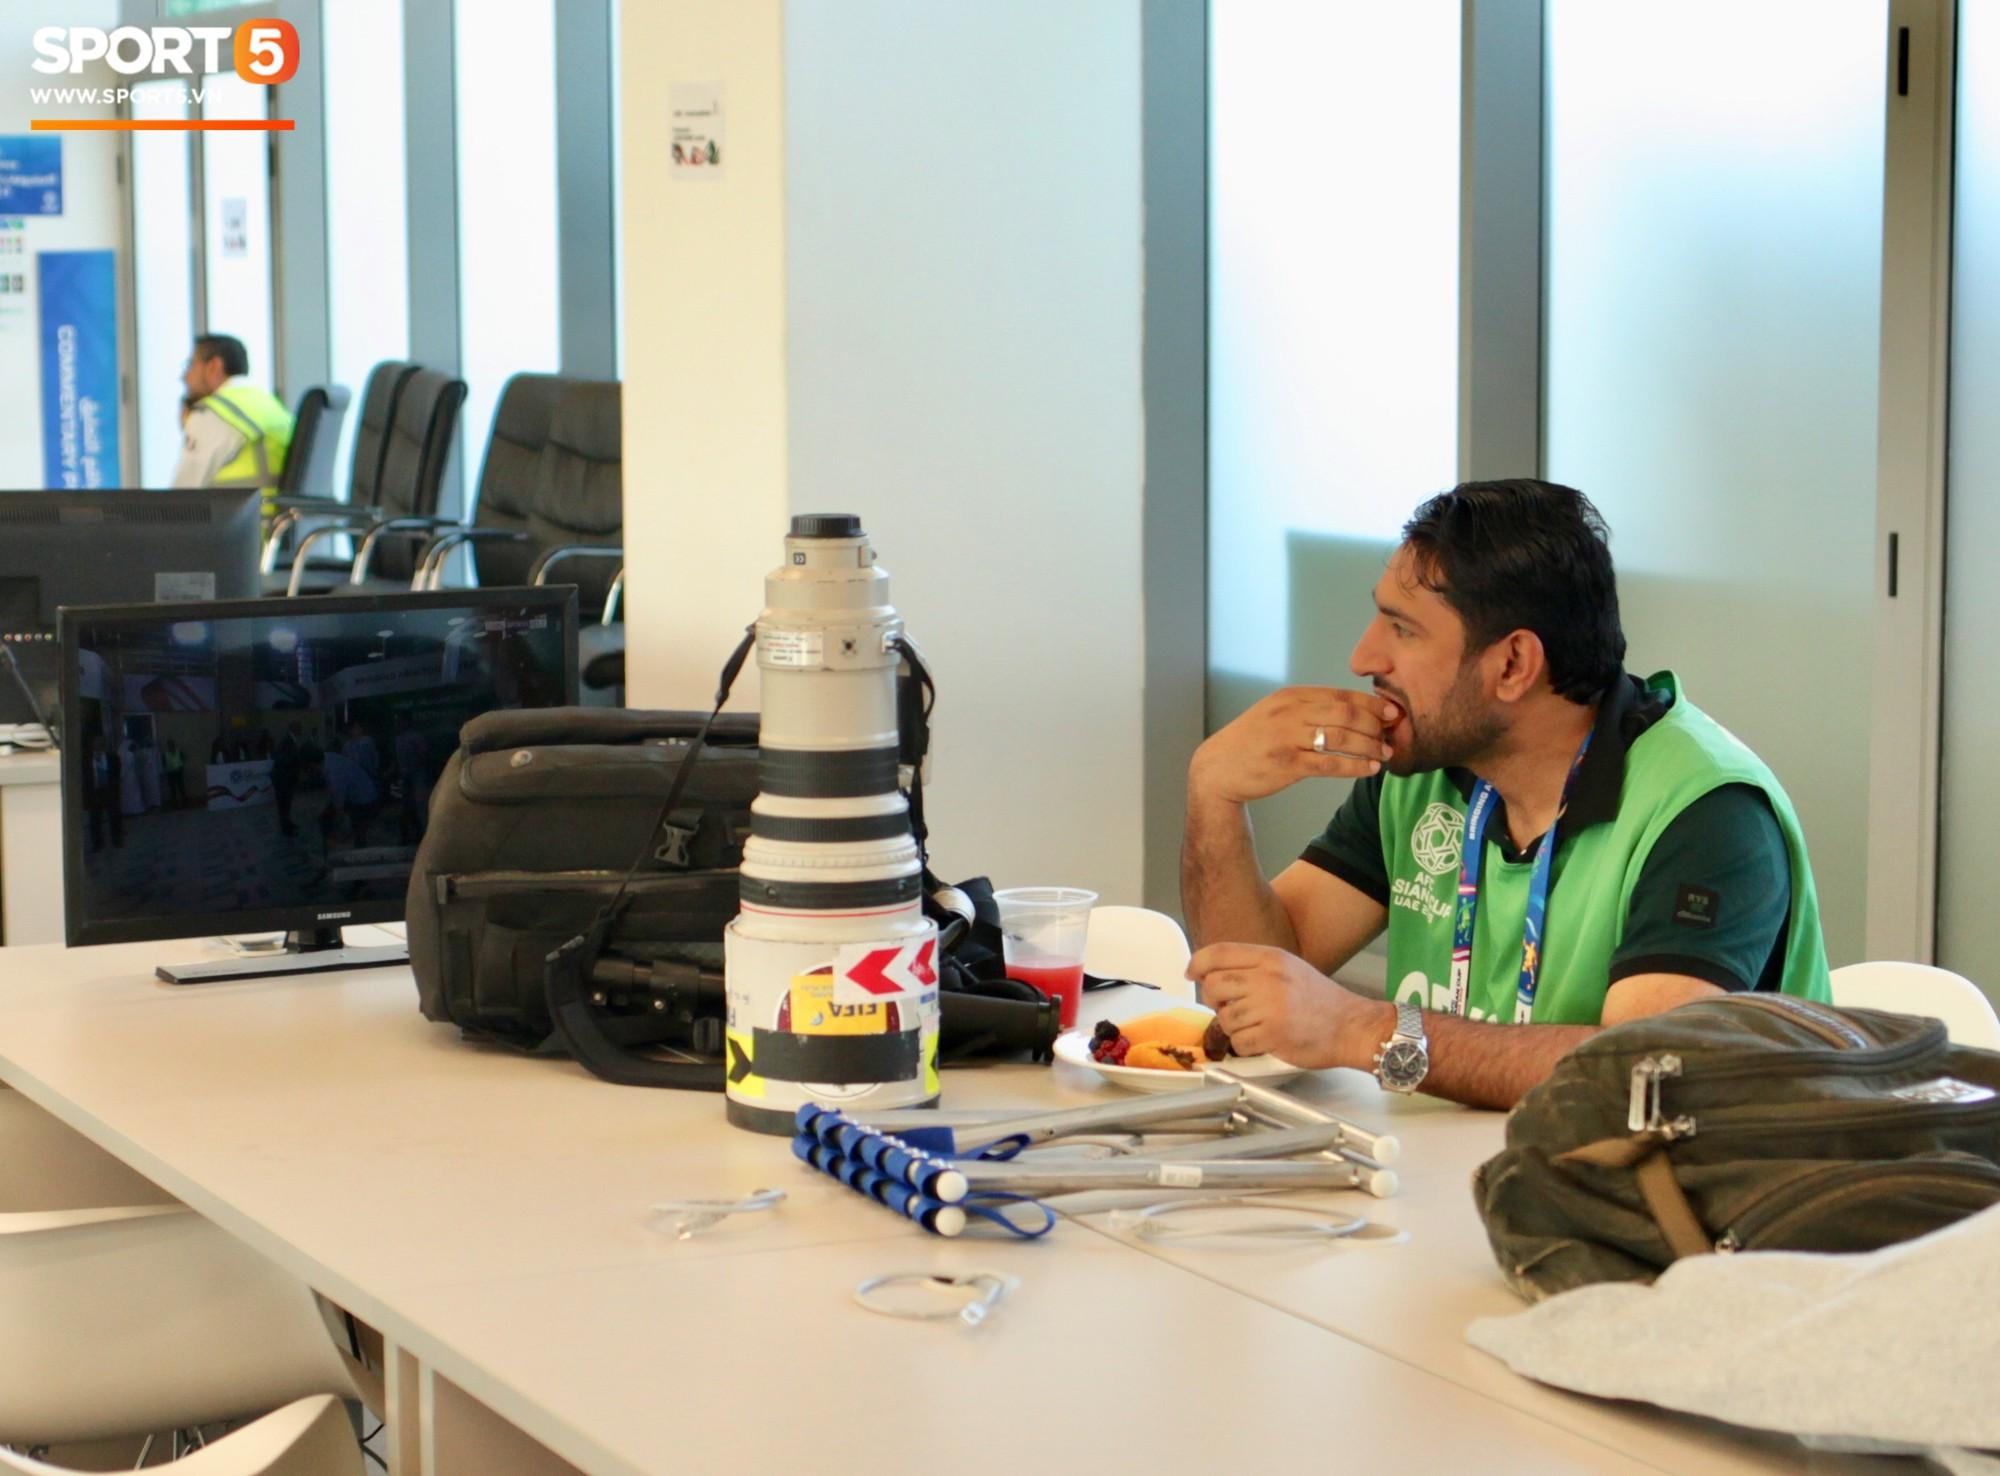 Chủ nhà UAE thể hiện chăm sóc phóng viên đến tận răng trong quá trình tác nghiệp tại Asian Cup 2019-8